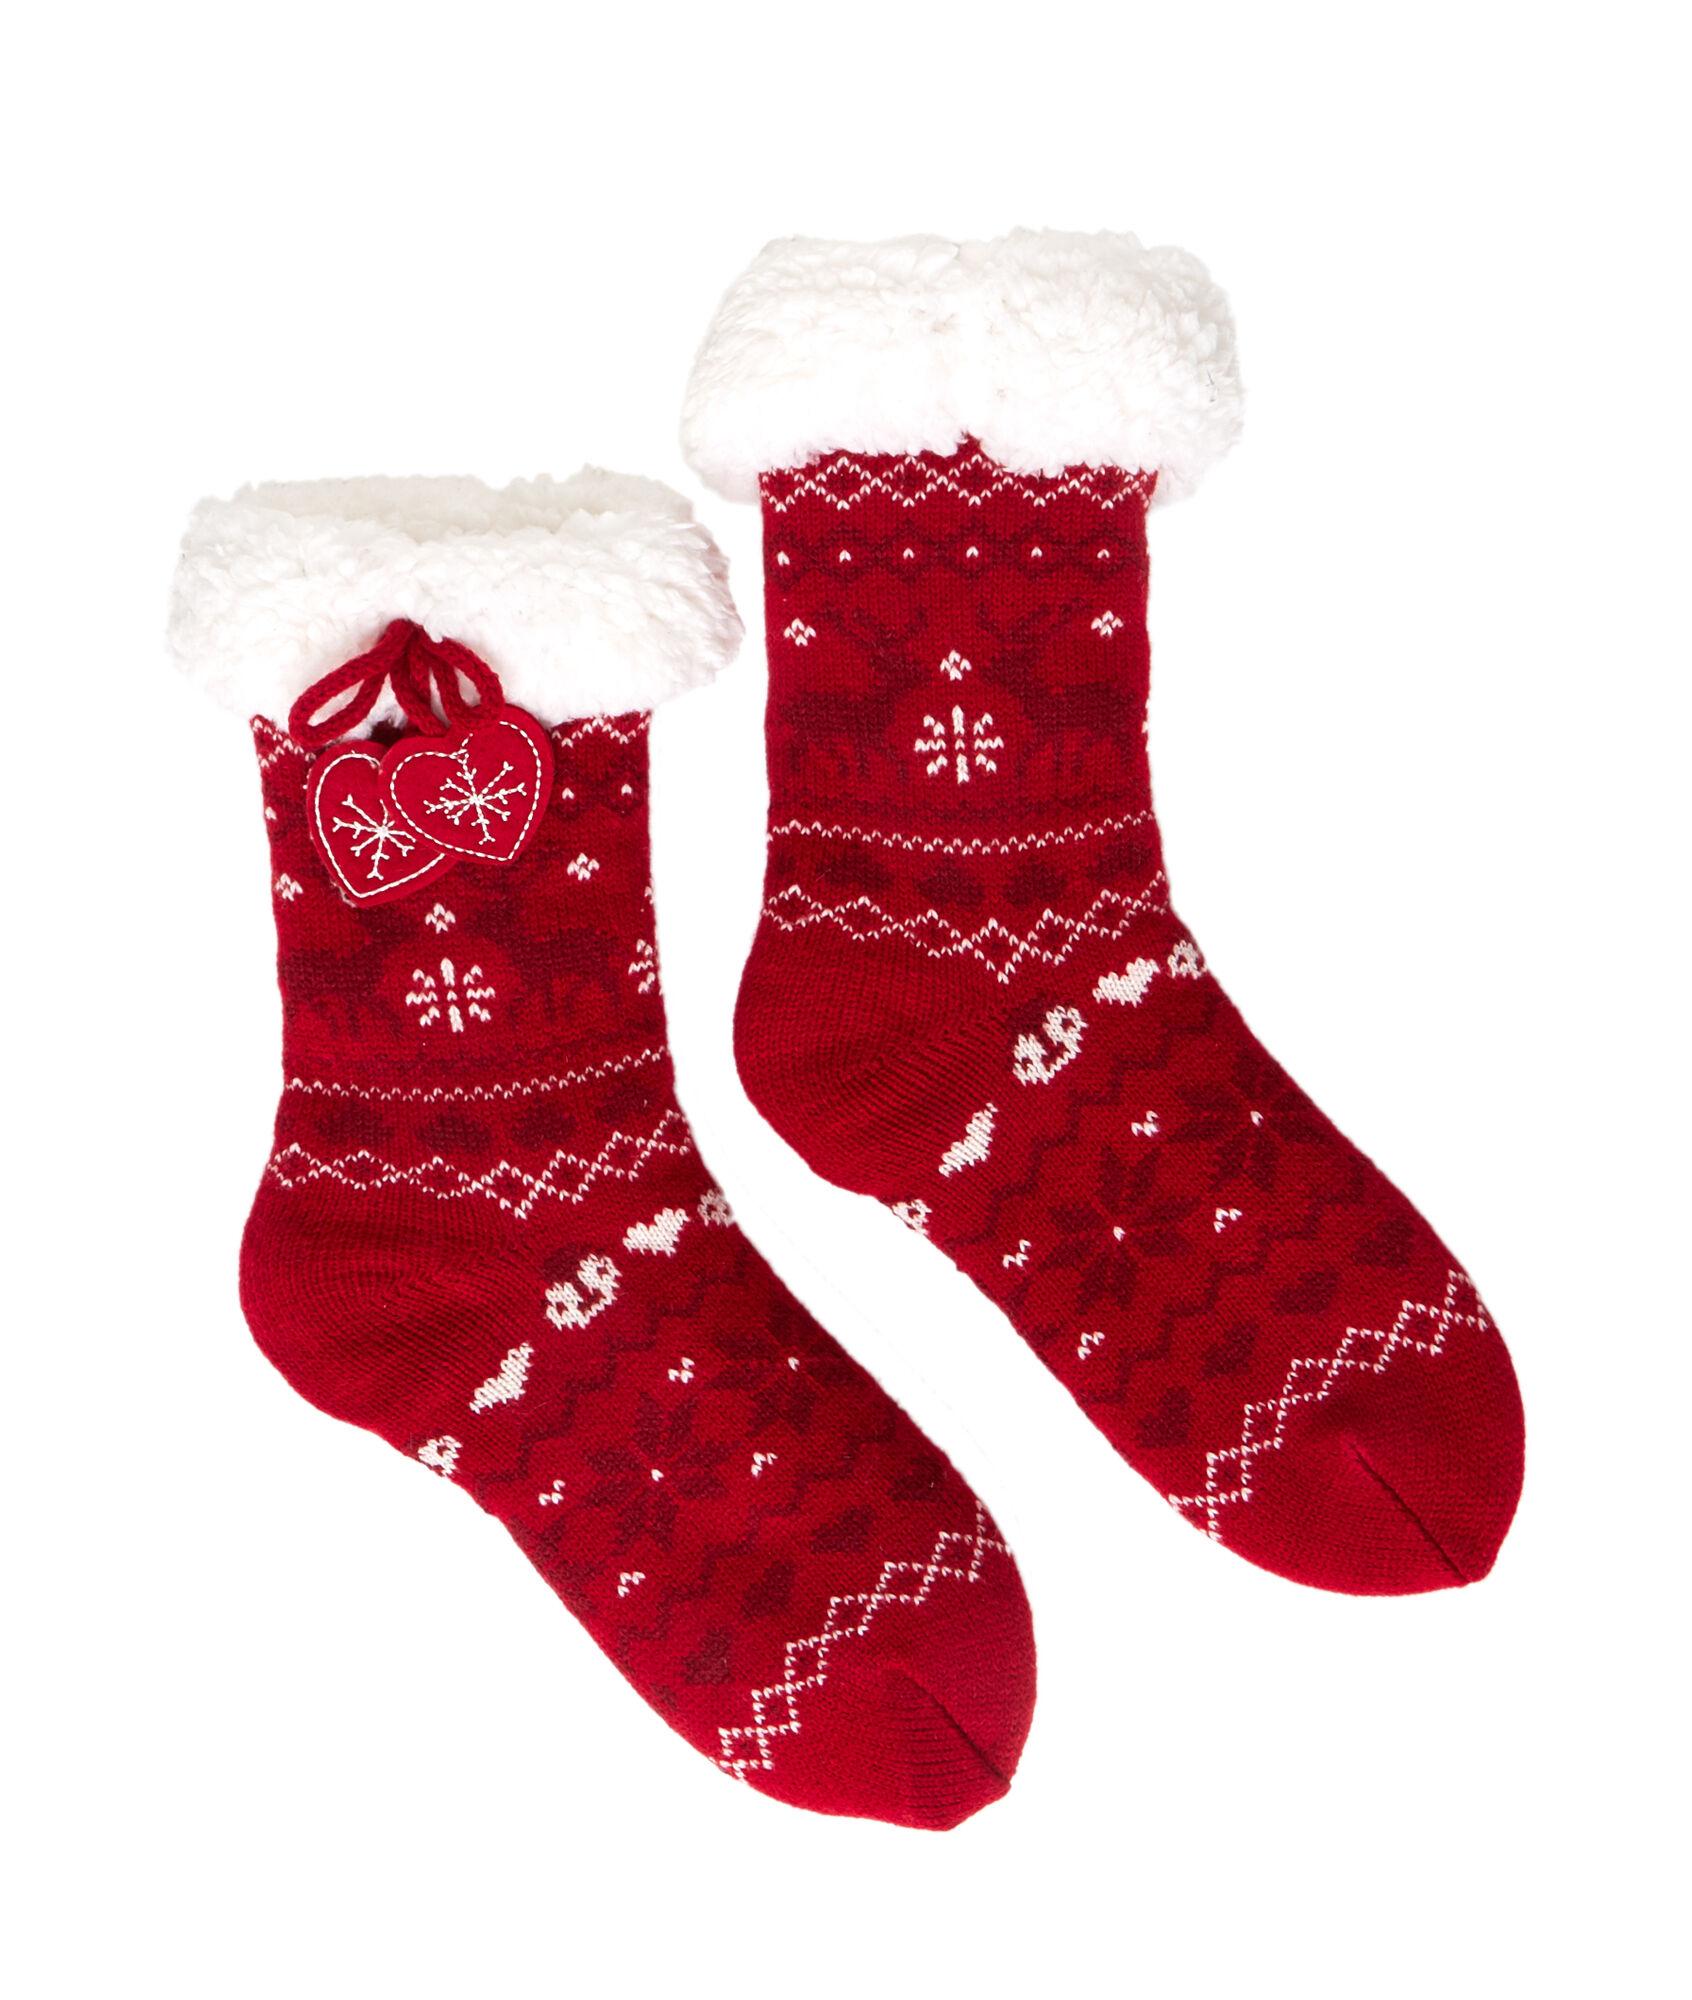 Judith homesocks chaussettes chaussons imprim s de no l etam - Chaussettes de noel ...